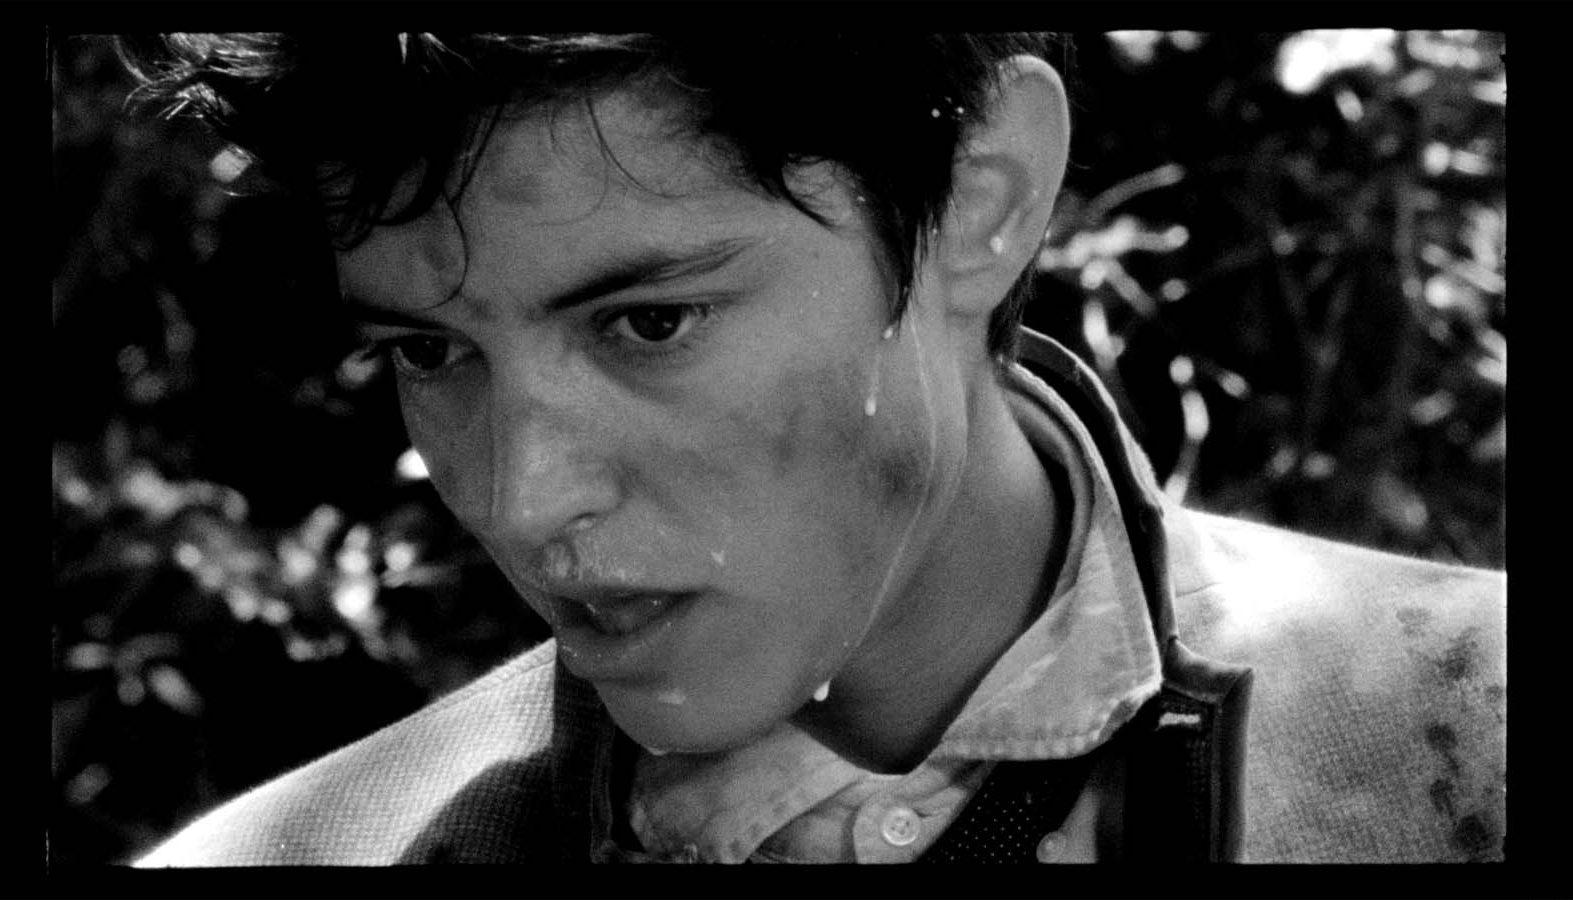 Vimala Pons dans Les Garçons sauvages de Bertrand Mandico © Ecce Films